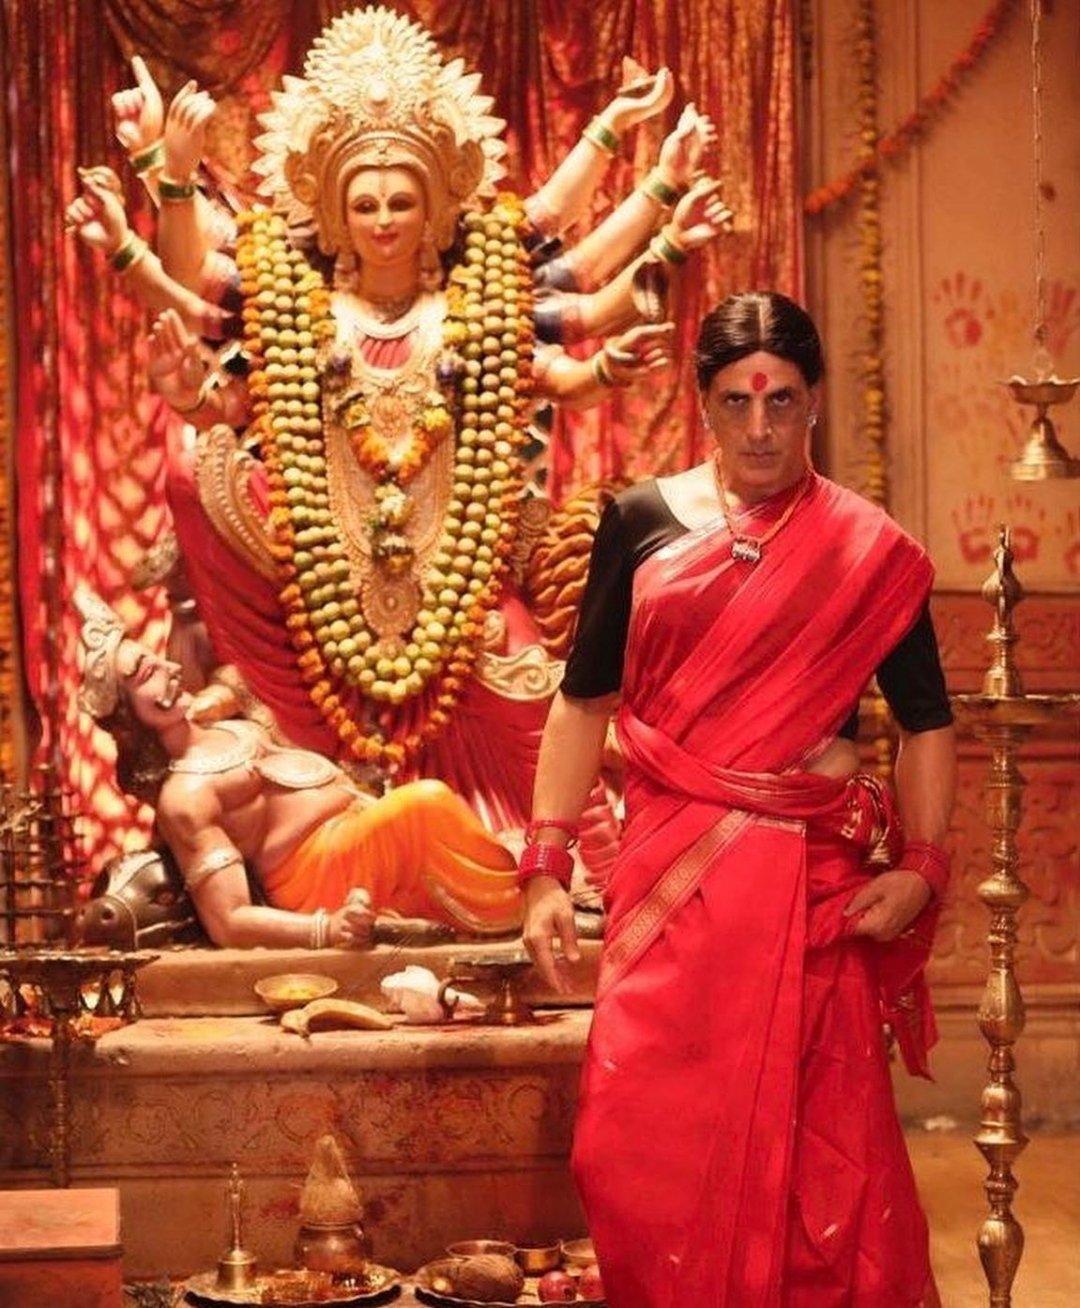 லட்சுமி பாம் படத்தில் அக்ஷய் குமார்